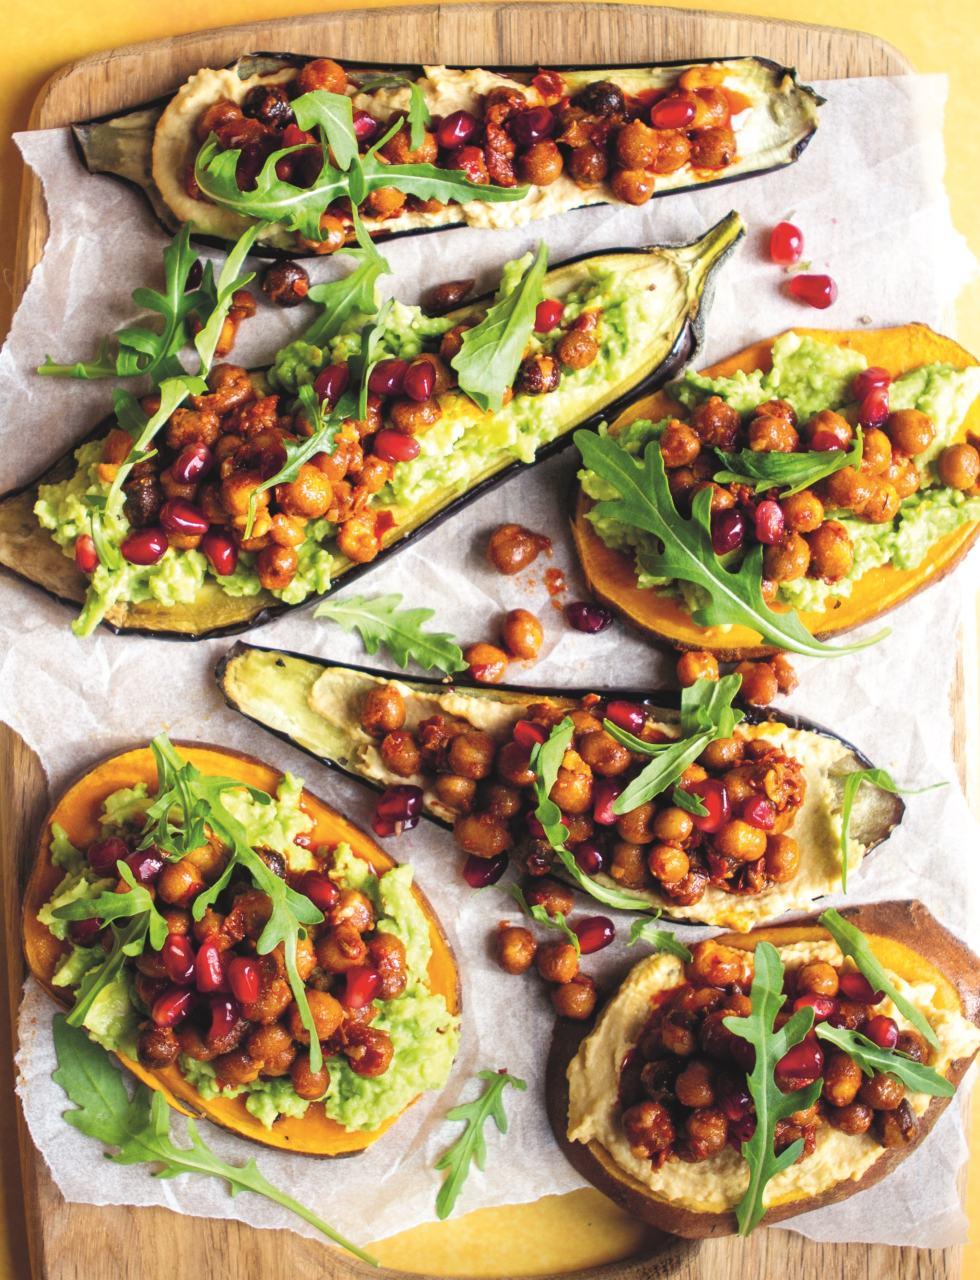 Vegan Zoete-aardappel- en auberginetoast met avocadospread & harrisa